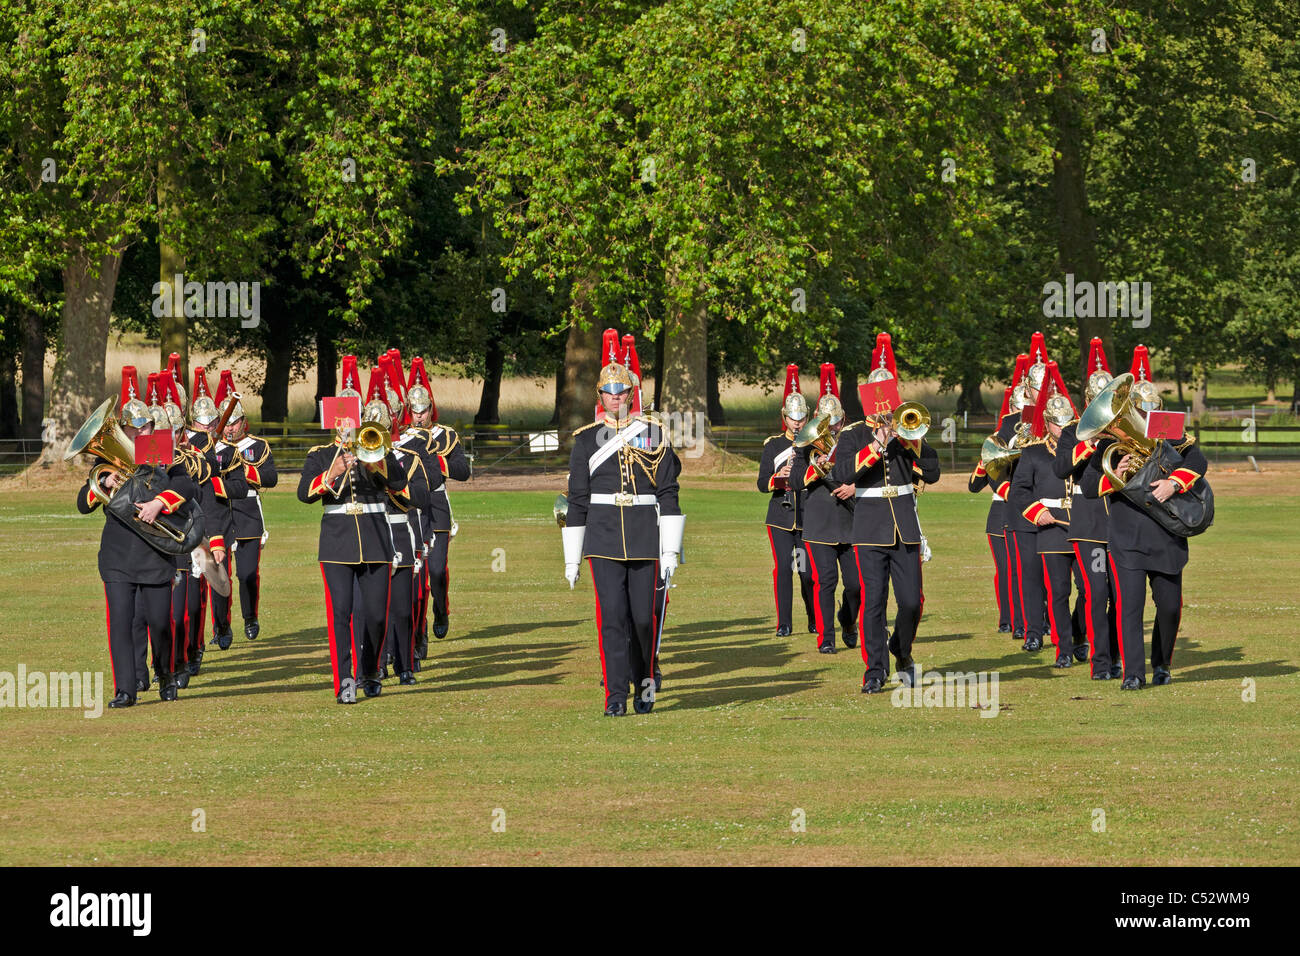 Die Militärkapelle die Blues and Royals spielen und marschieren bei einer privaten königlichen Funktion Stockbild